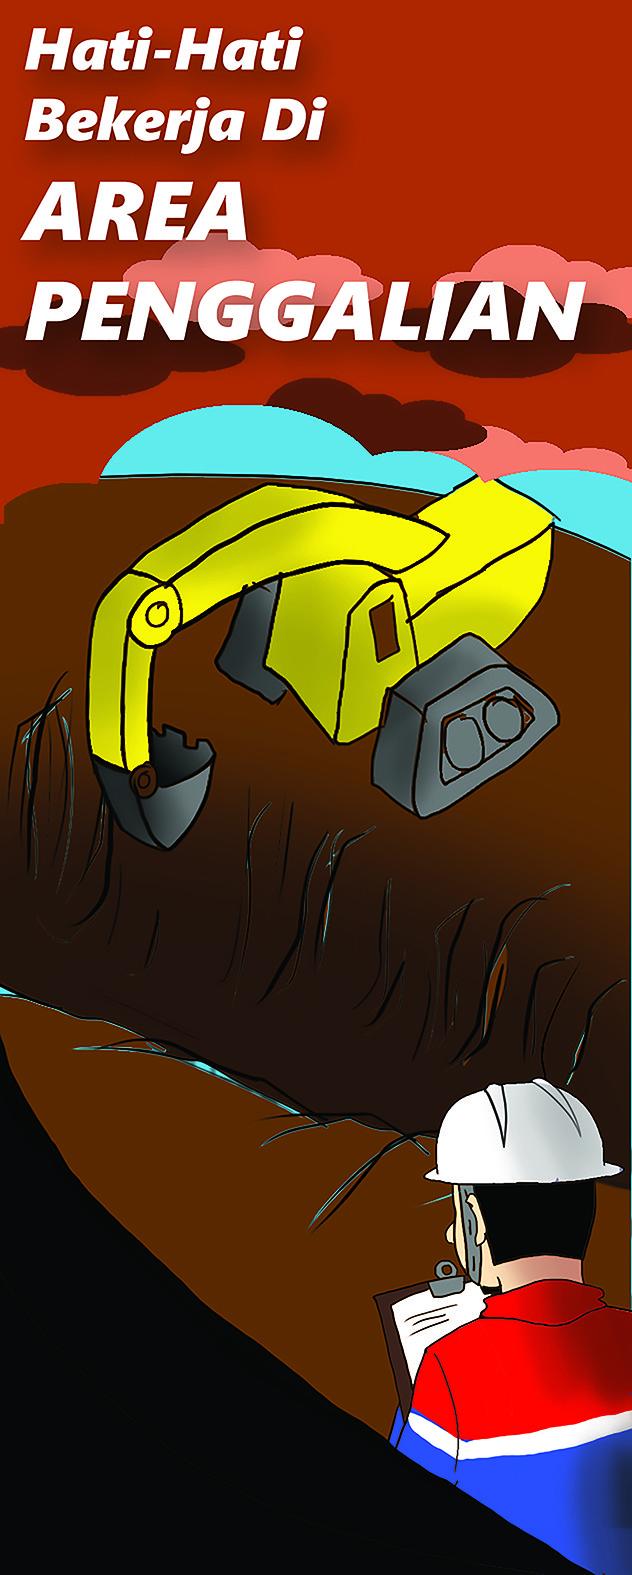 Putra wira adhiprajna pertamina penggalian